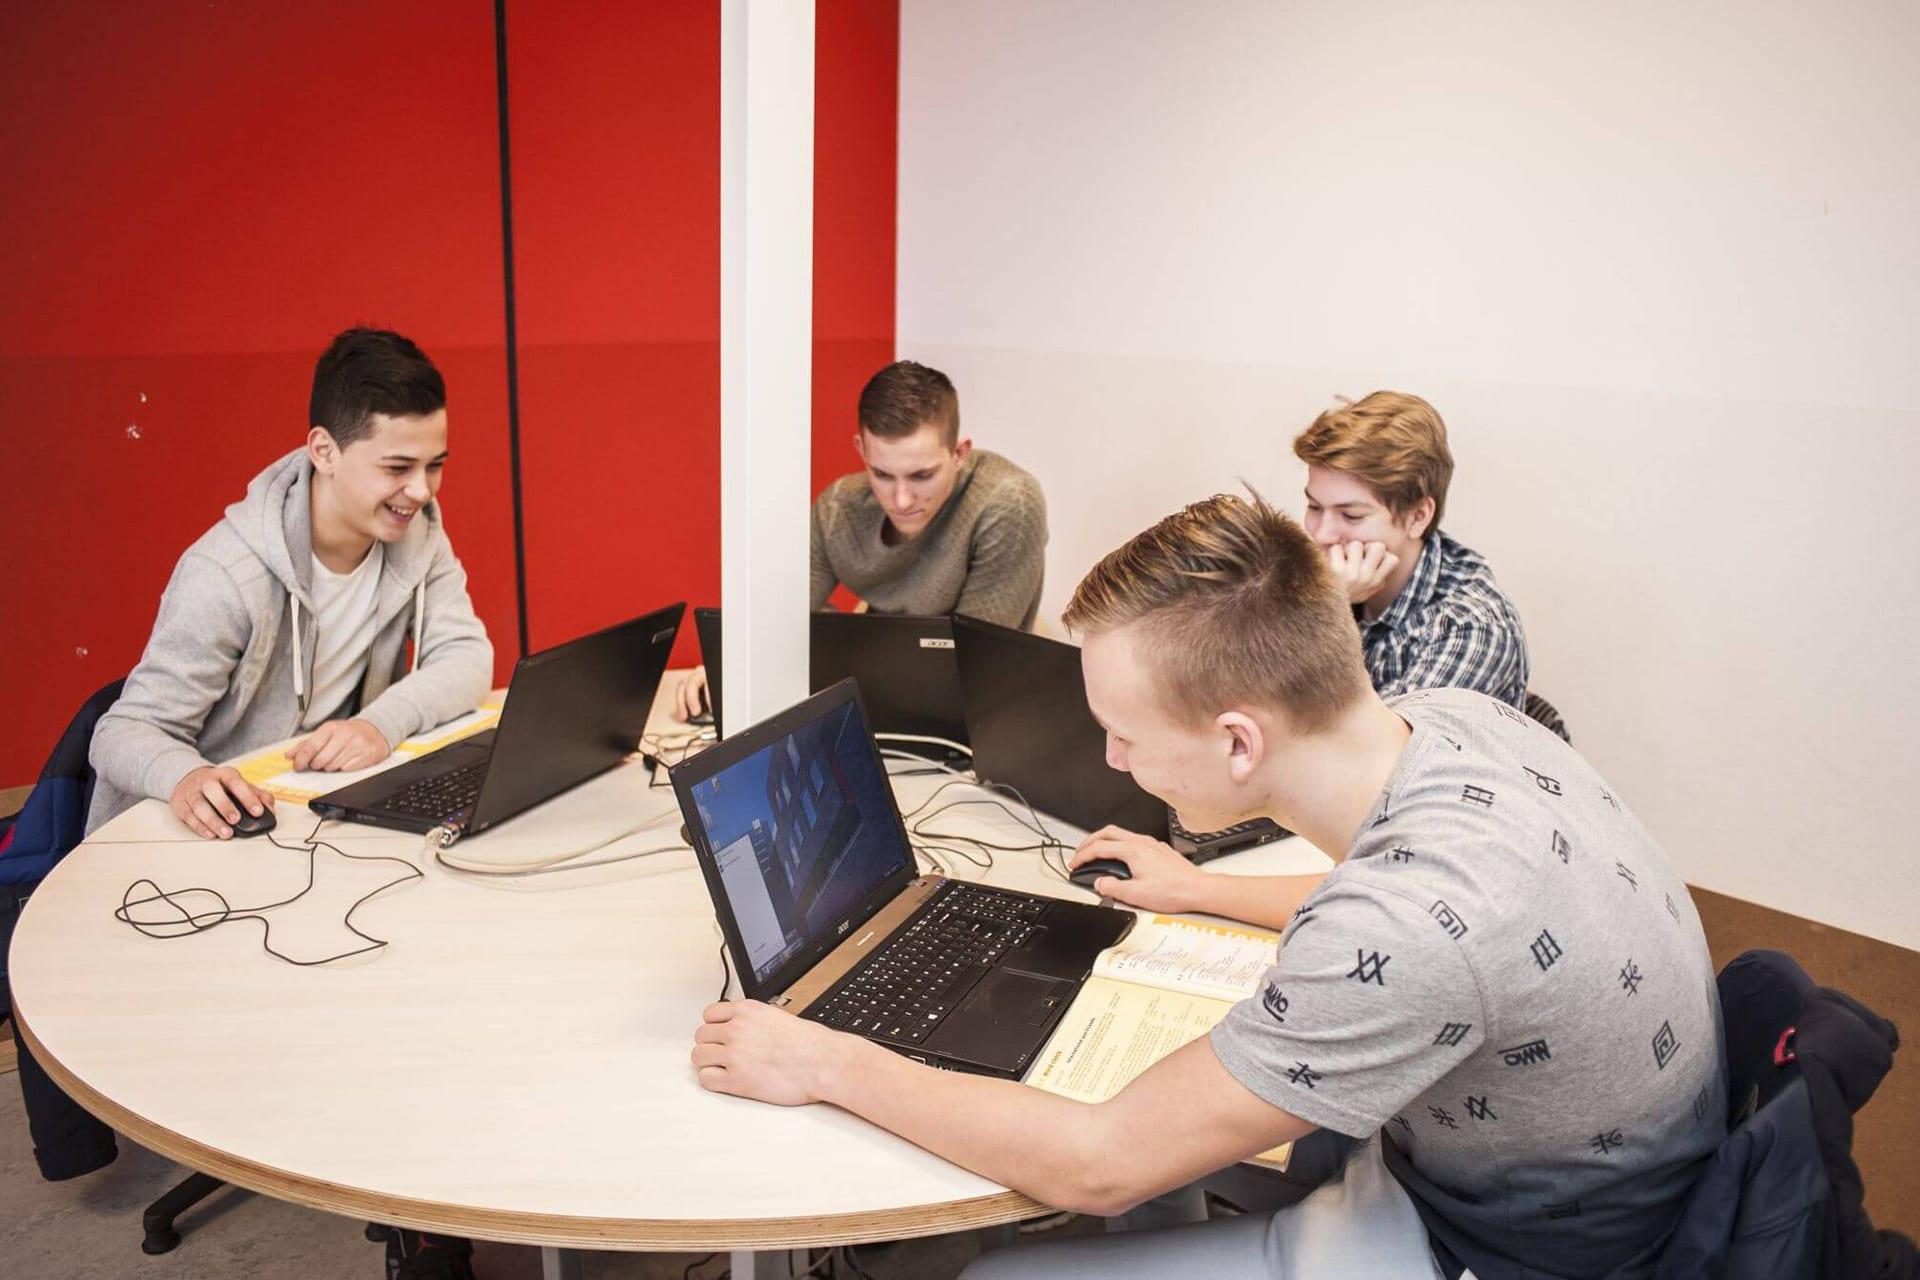 Headerfoto Kollaboratives Schreiben